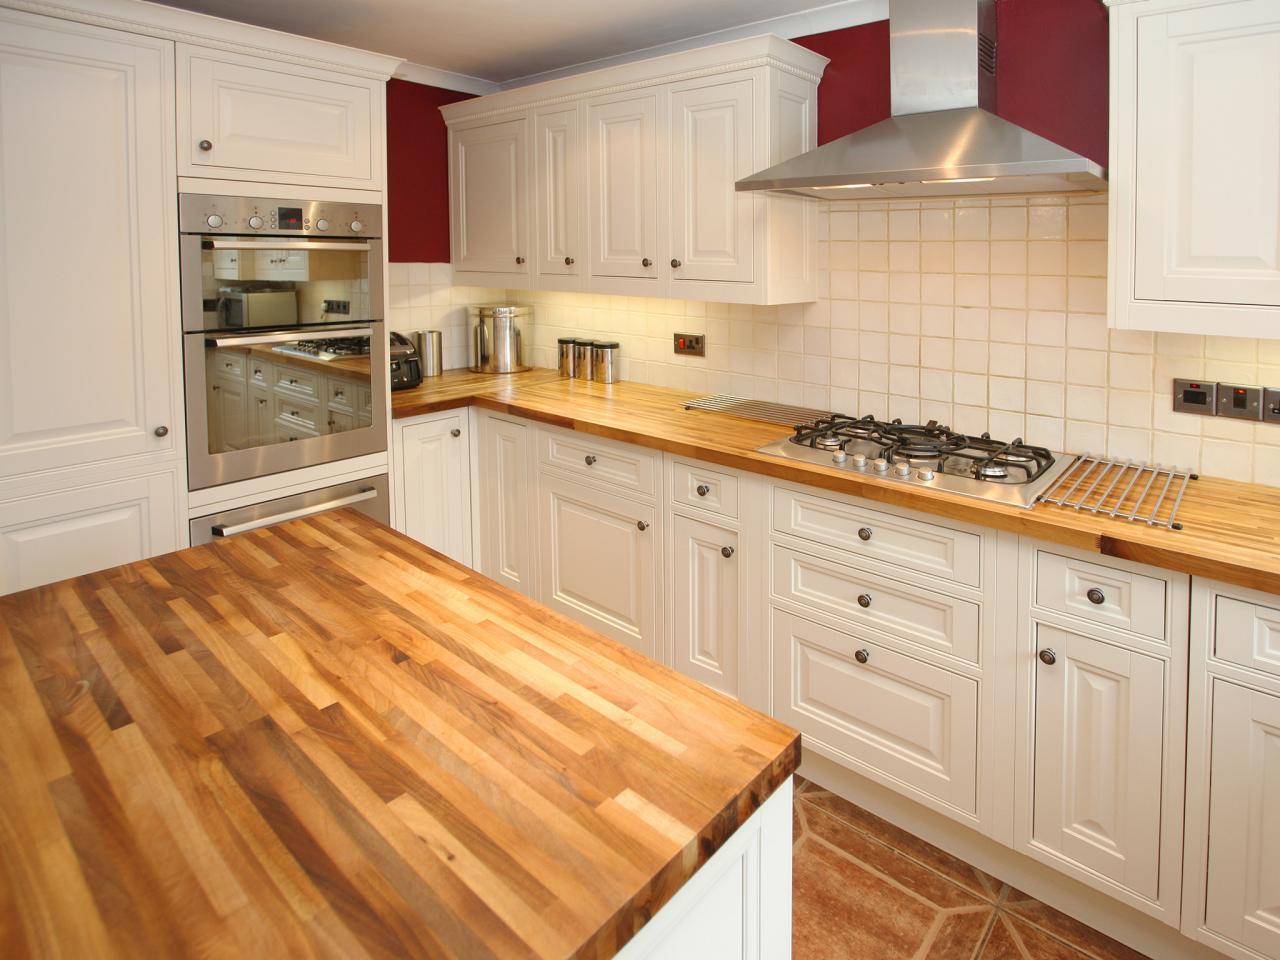 Деревянные кухонные столешницы в светлых тоннах украшают интерьер - фото 1